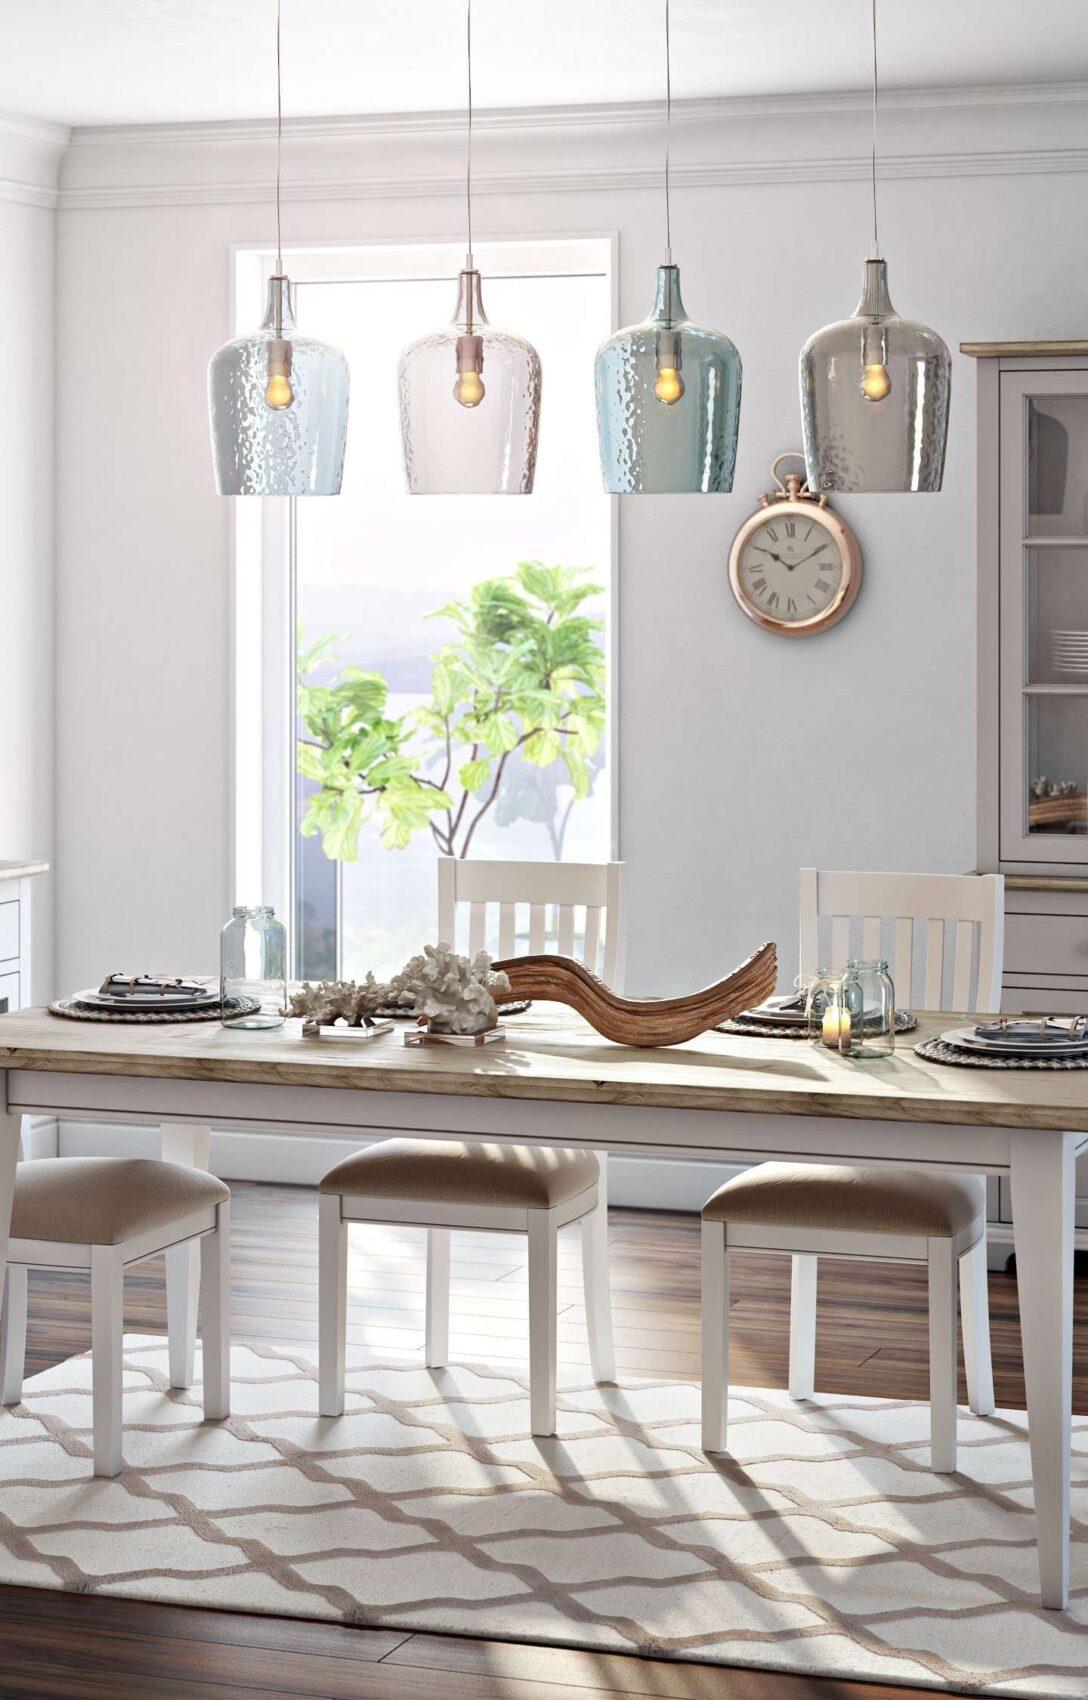 Large Size of Ikea Bogenlampen Bogenlampe Regolit Hack Papier Stehlampe Anleitung Esstisch Küche Kosten Betten 160x200 Miniküche Kaufen Sofa Mit Schlaffunktion Bei Wohnzimmer Ikea Bogenlampe